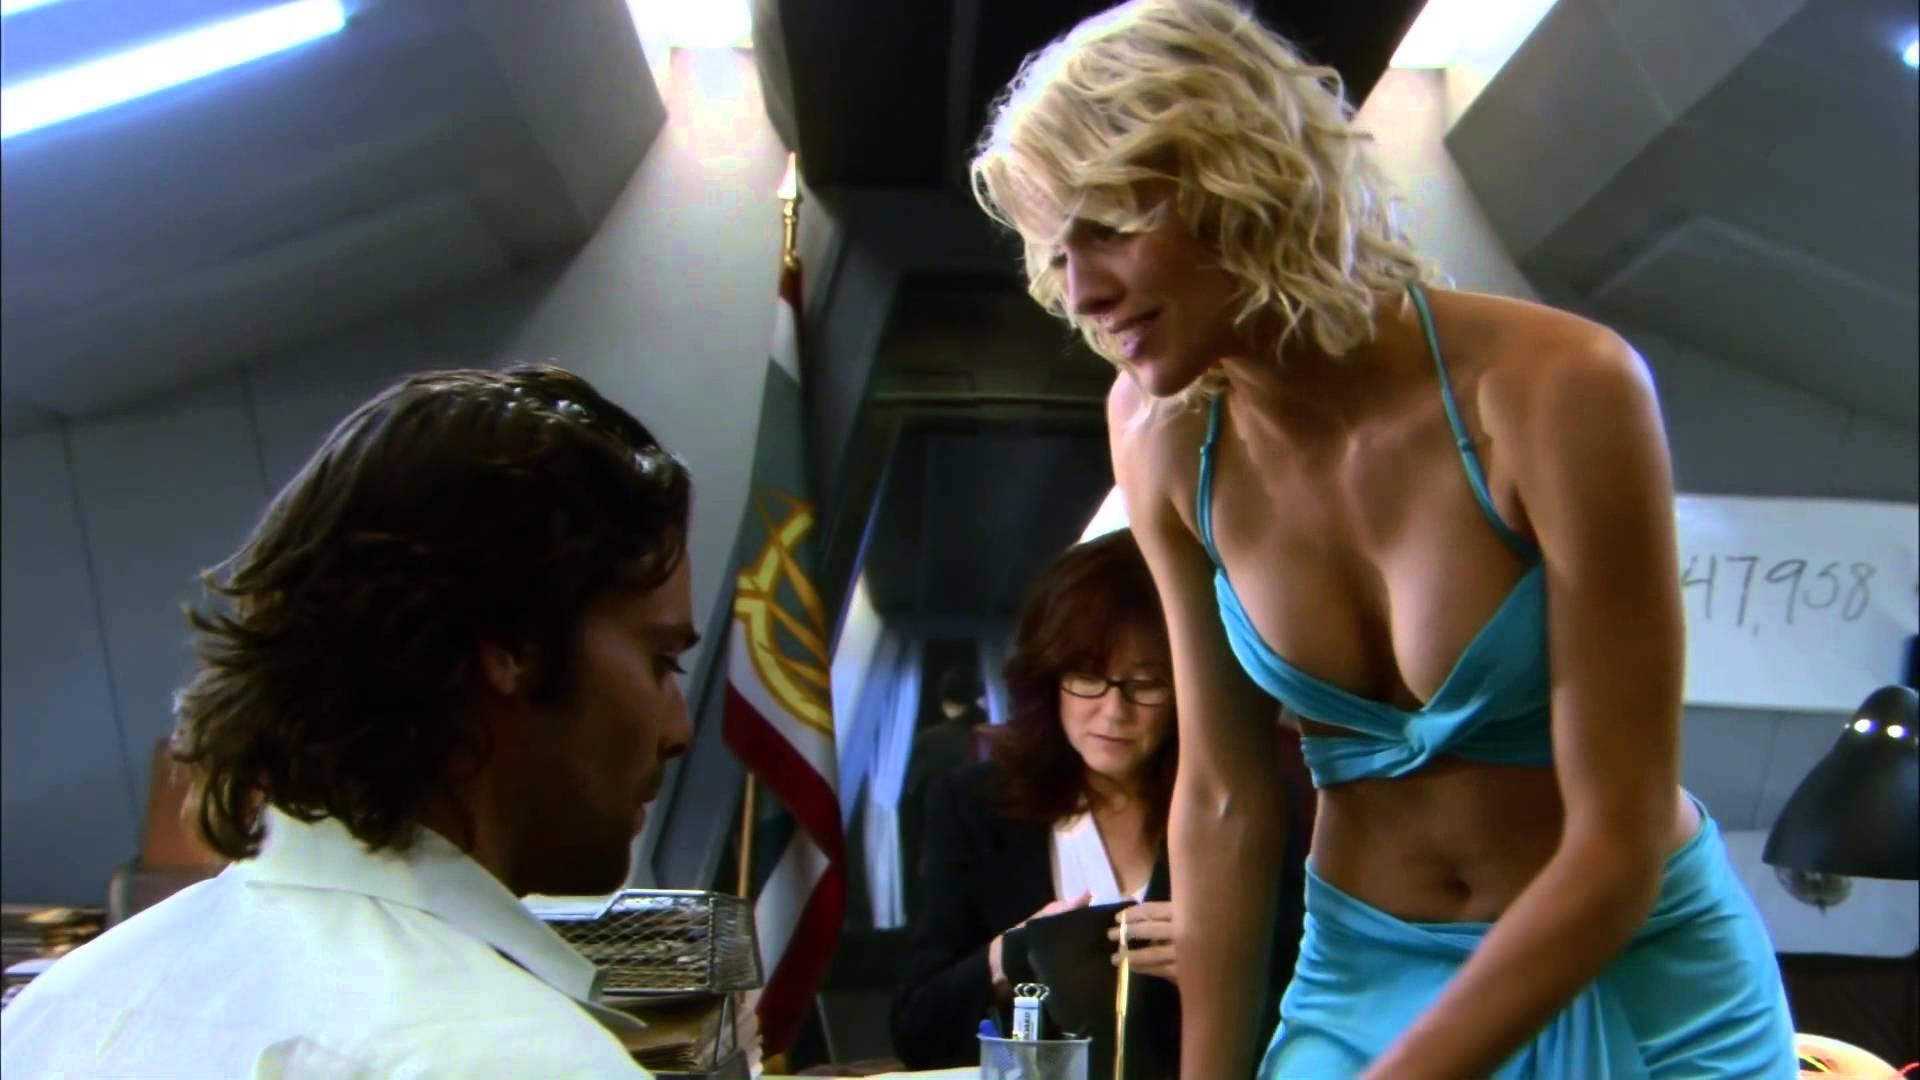 Звездный крейсер Галактика Триша Хелфер фильм сериал 1978 2004 полнометражный новости отвратительные мужики